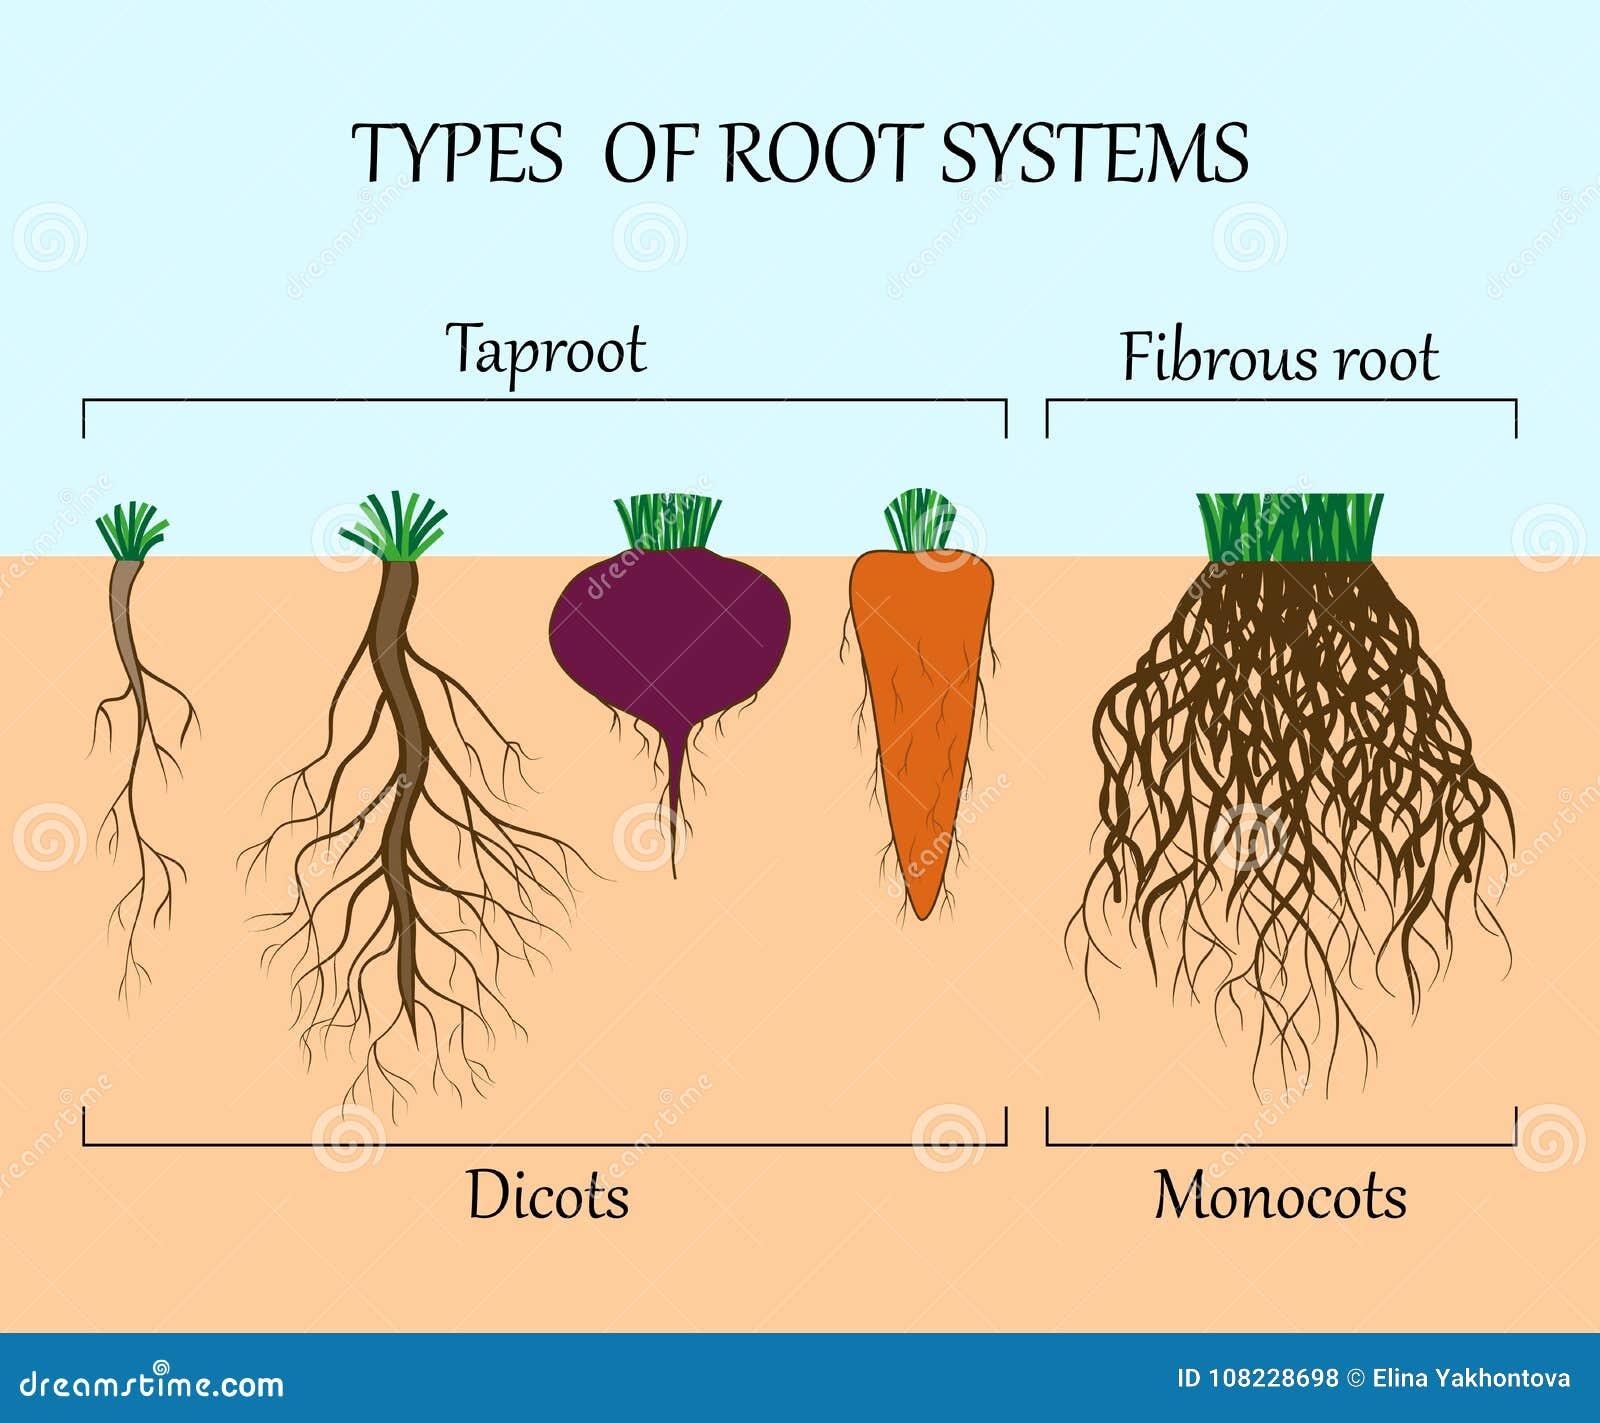 Types van wortelsystemen van installaties, monosots en dicots in de grond in besnoeiing, onderwijsaffiche, vectorillustratie